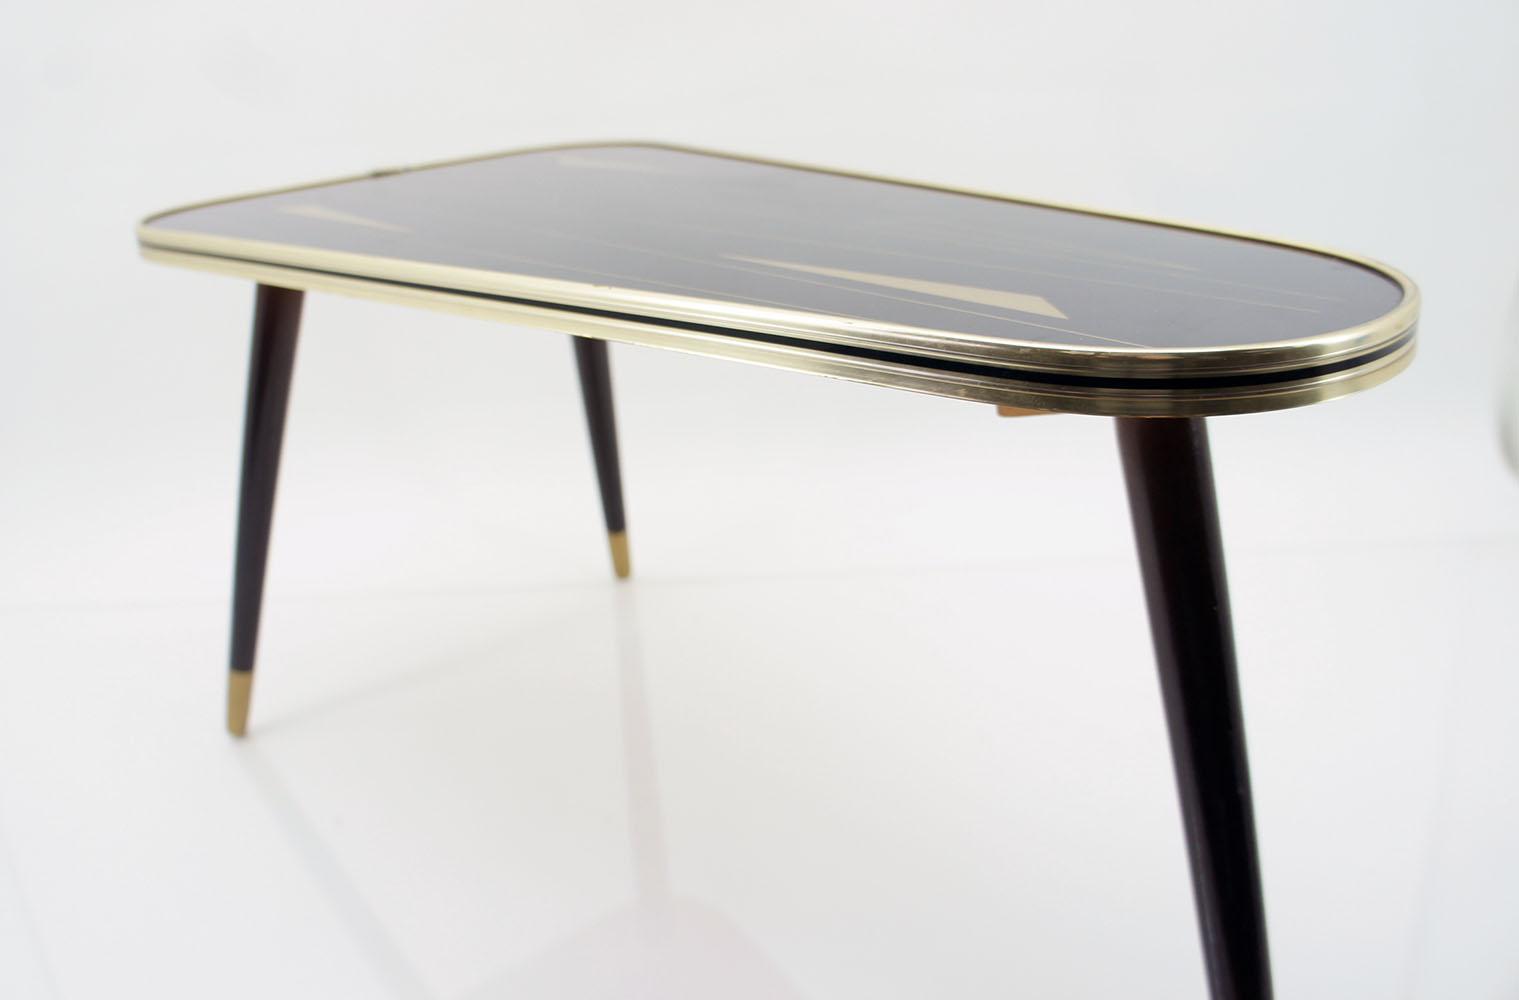 60er jahre nierentisch dreieckstisch tisch sputnik panton. Black Bedroom Furniture Sets. Home Design Ideas